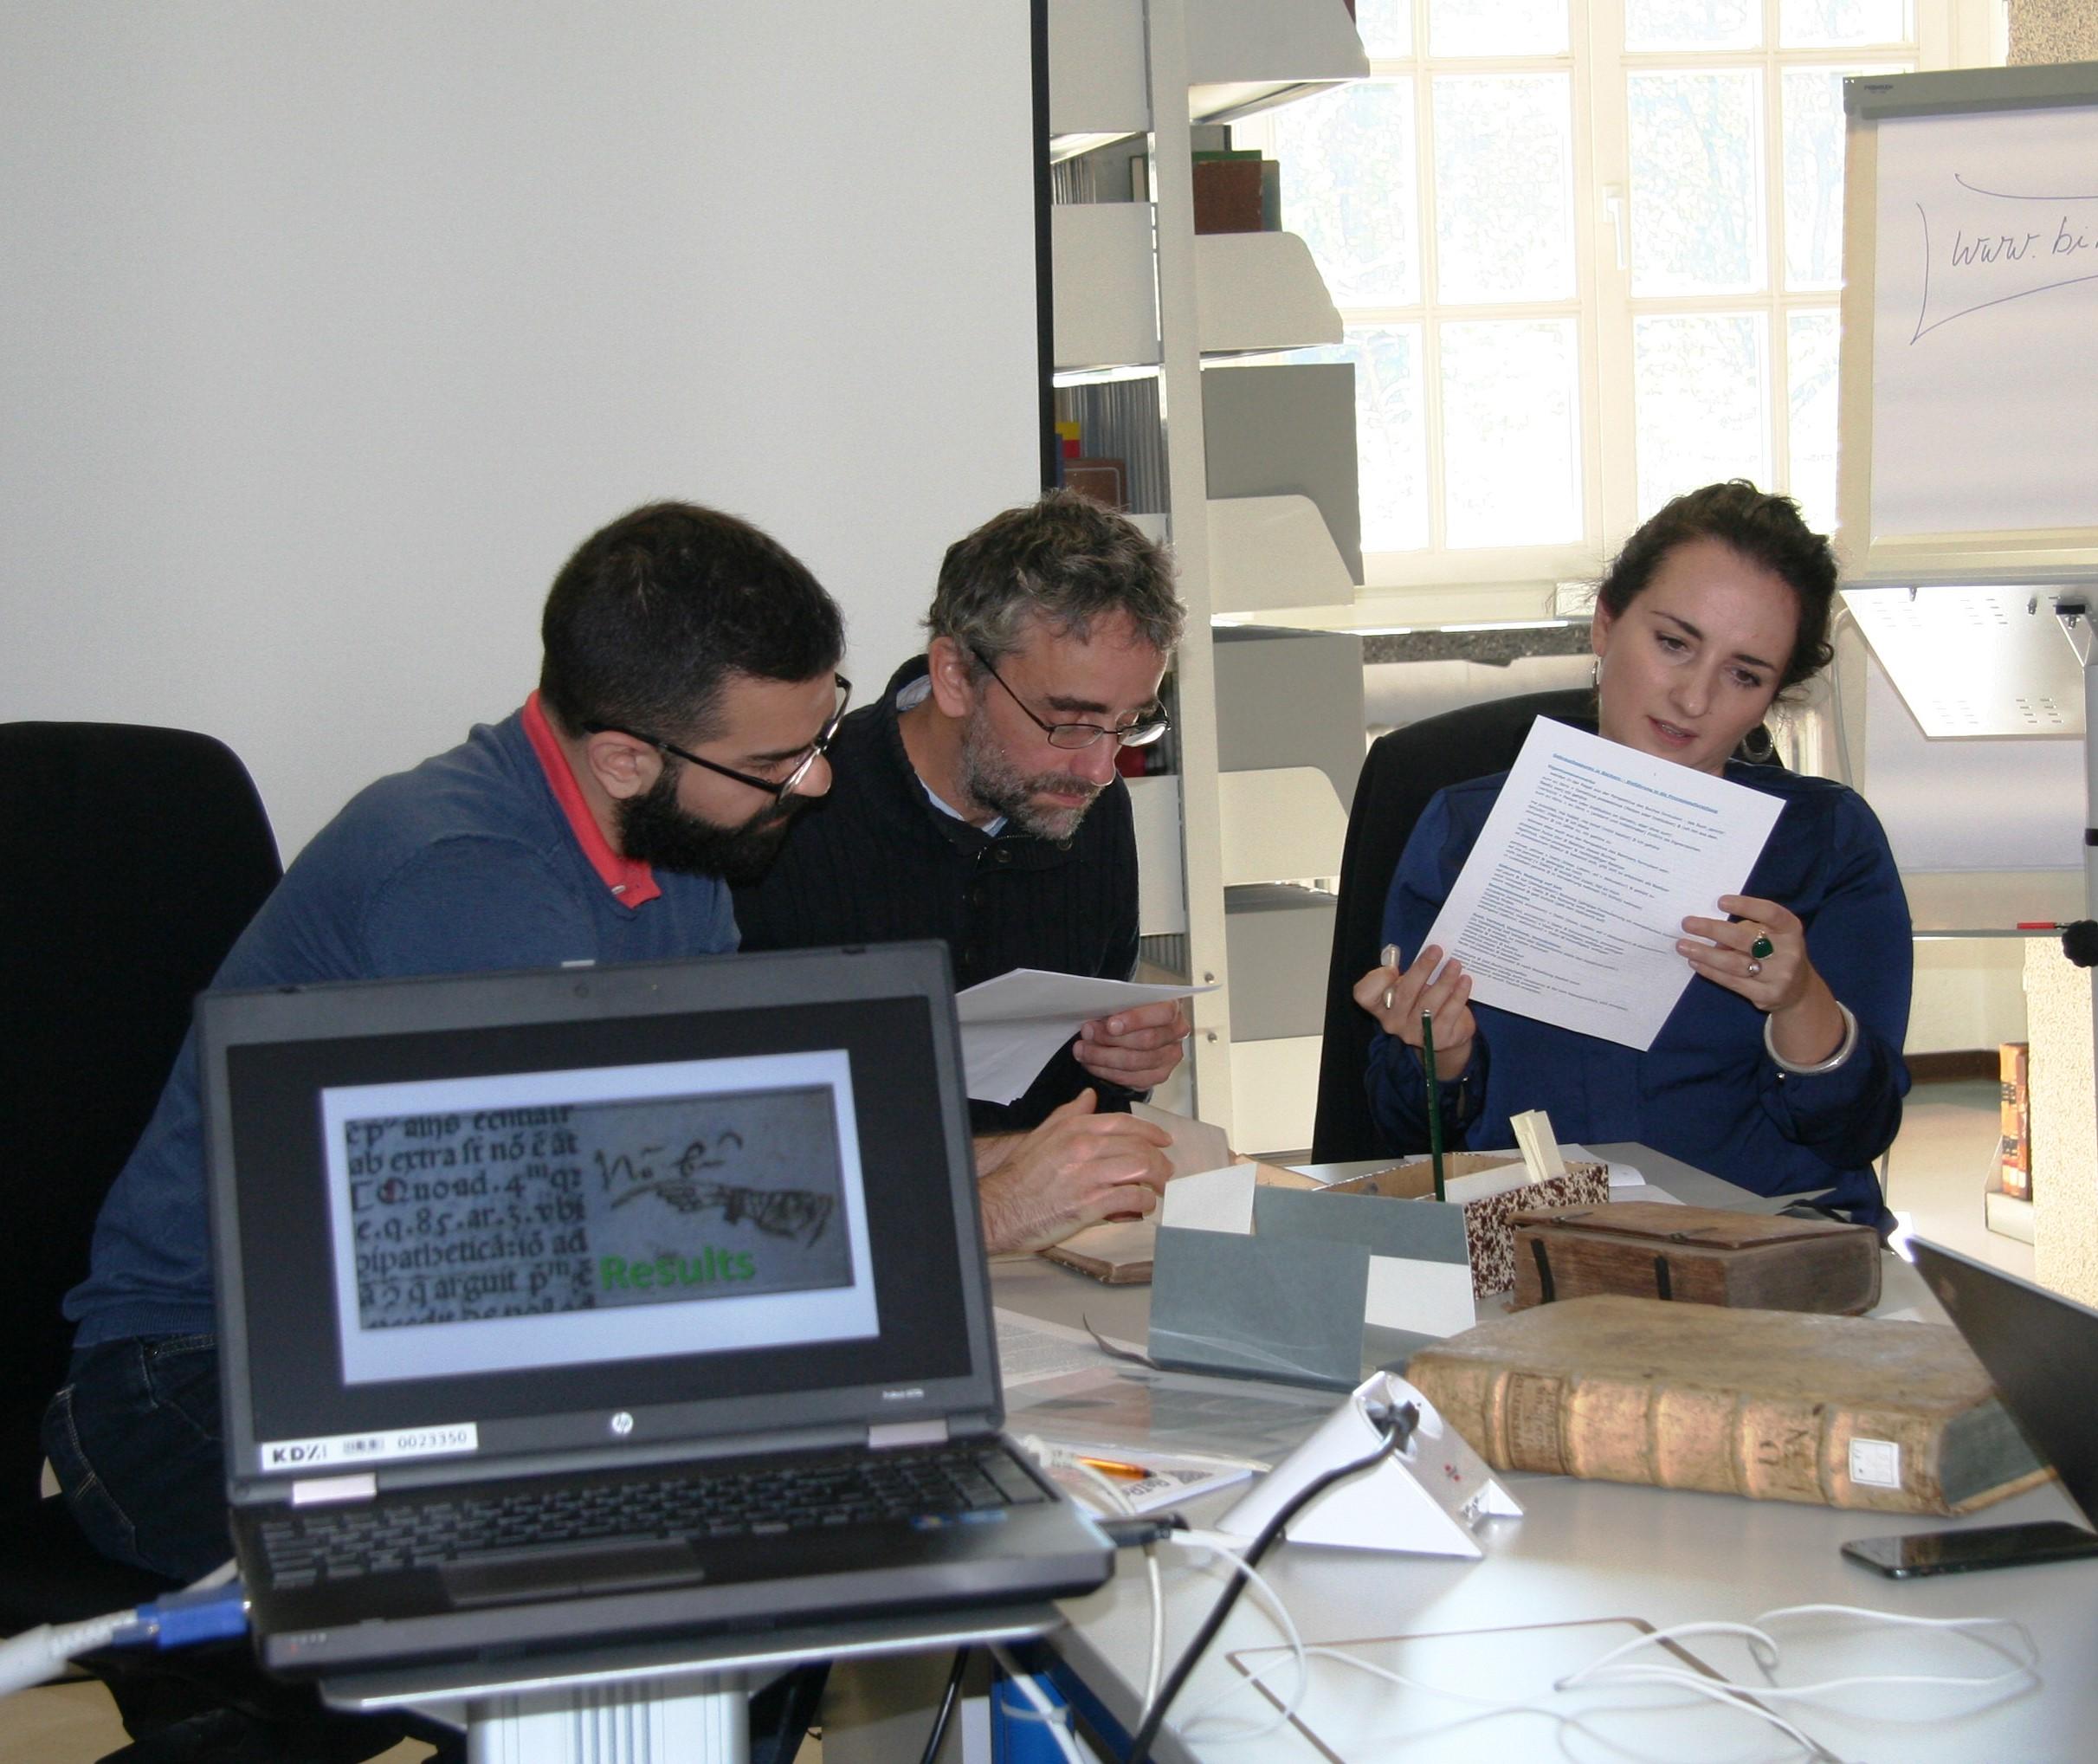 Workshop des EU-Projekts ReIReS in der Wissenschaftlichen Stadtbibliothek Mainz